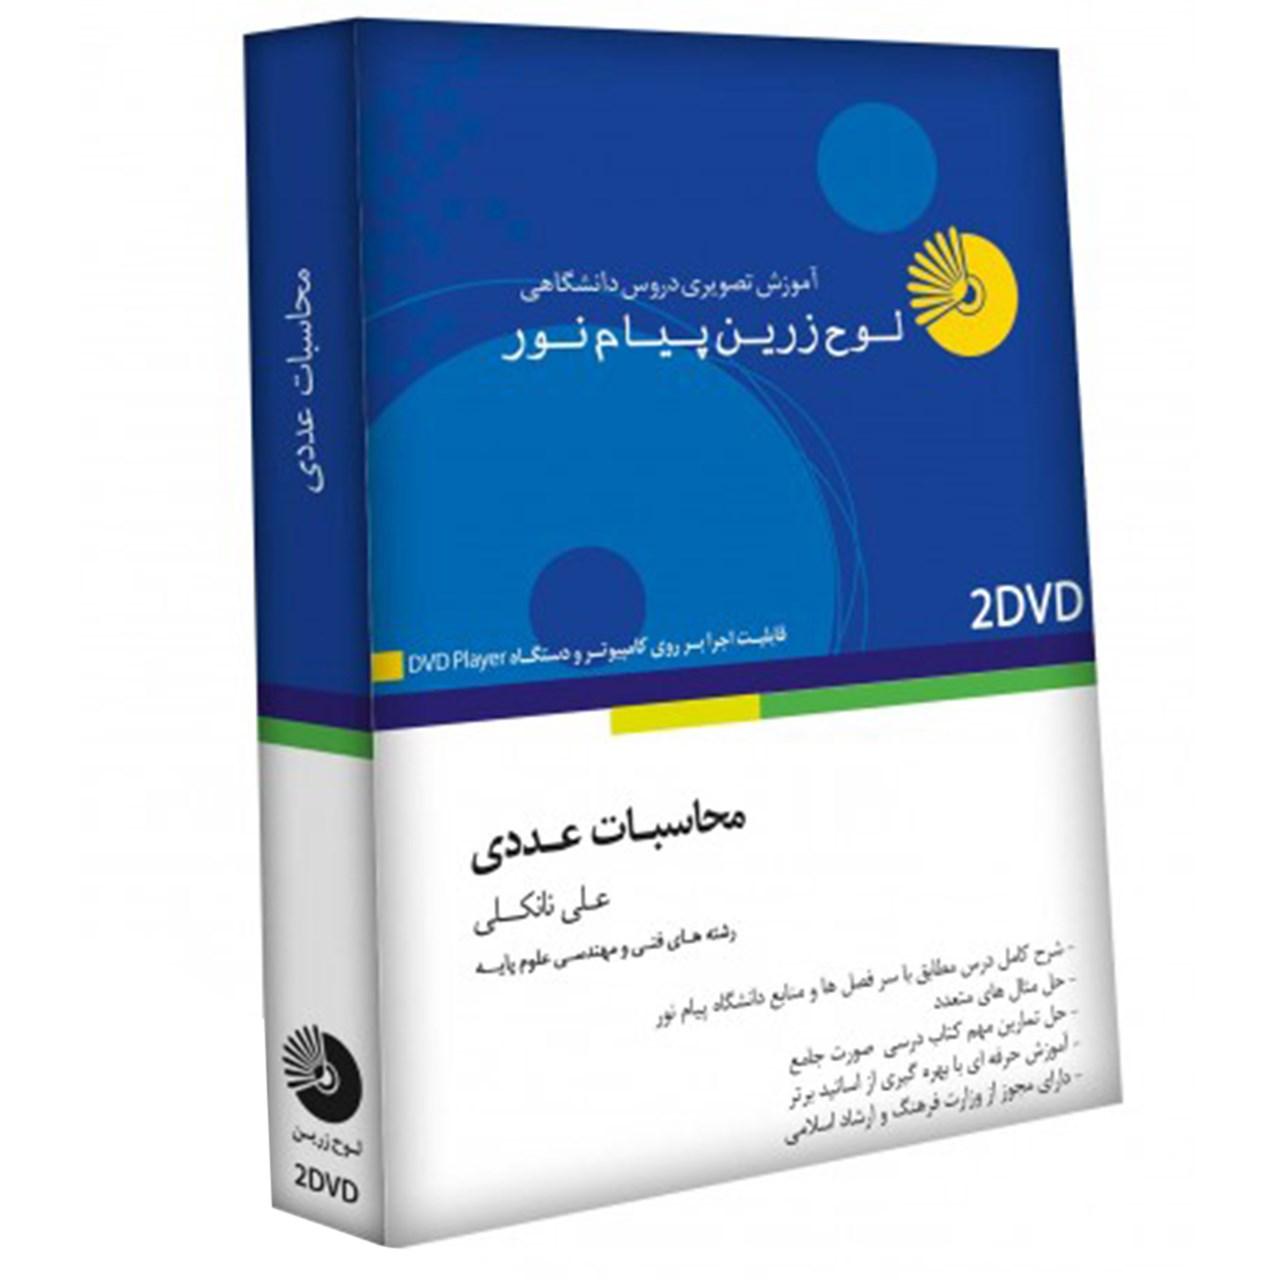 آموزش تصویری محاسبات عددی نشر لوح دانش